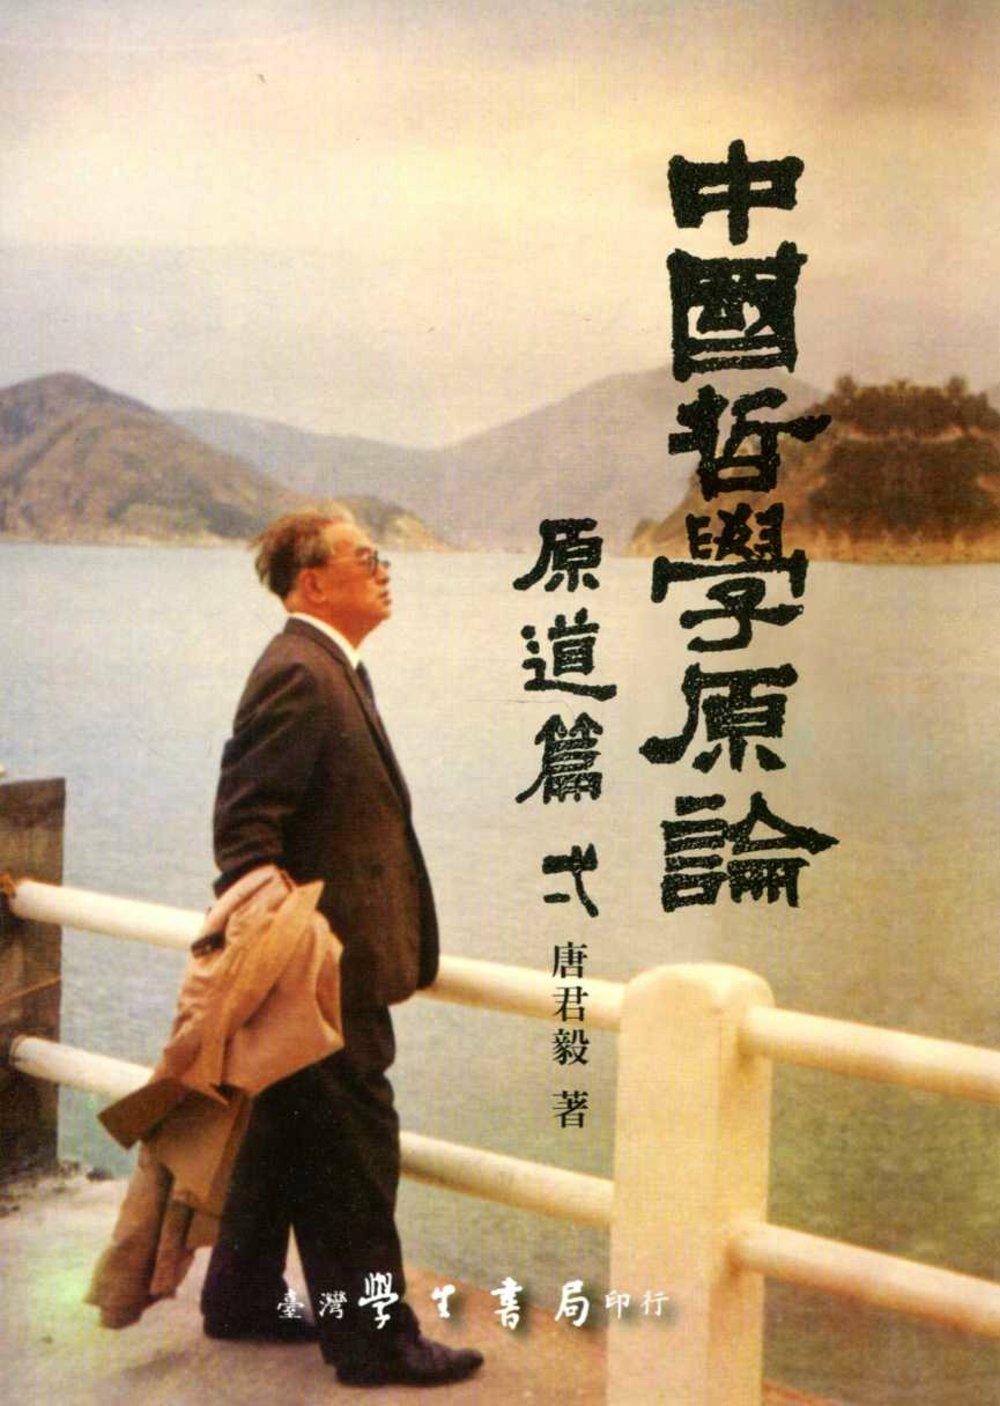 中國哲學原論:中國哲學中之「道」之建立及其發展,原道篇卷一